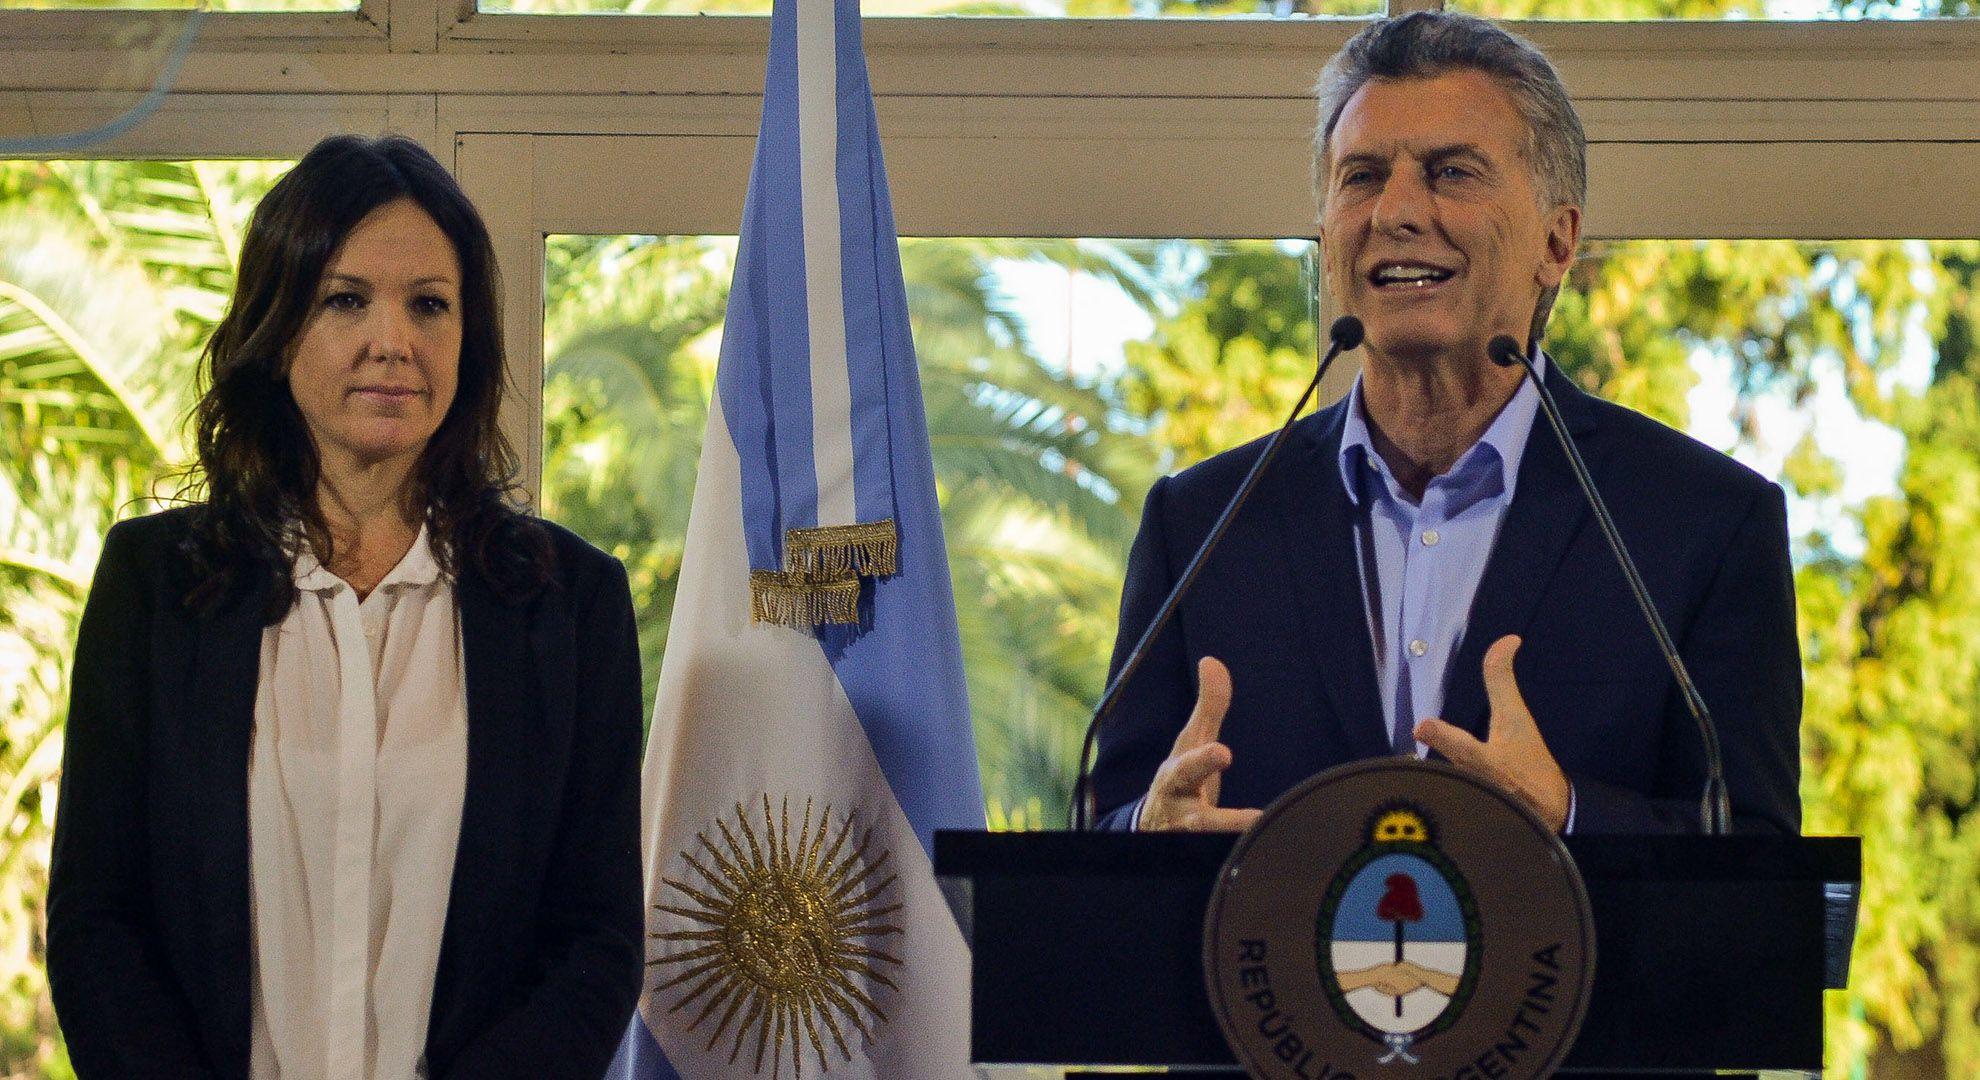 Stanley fue ministra de Desarrollo Social del gobierno de Mauricio Macri